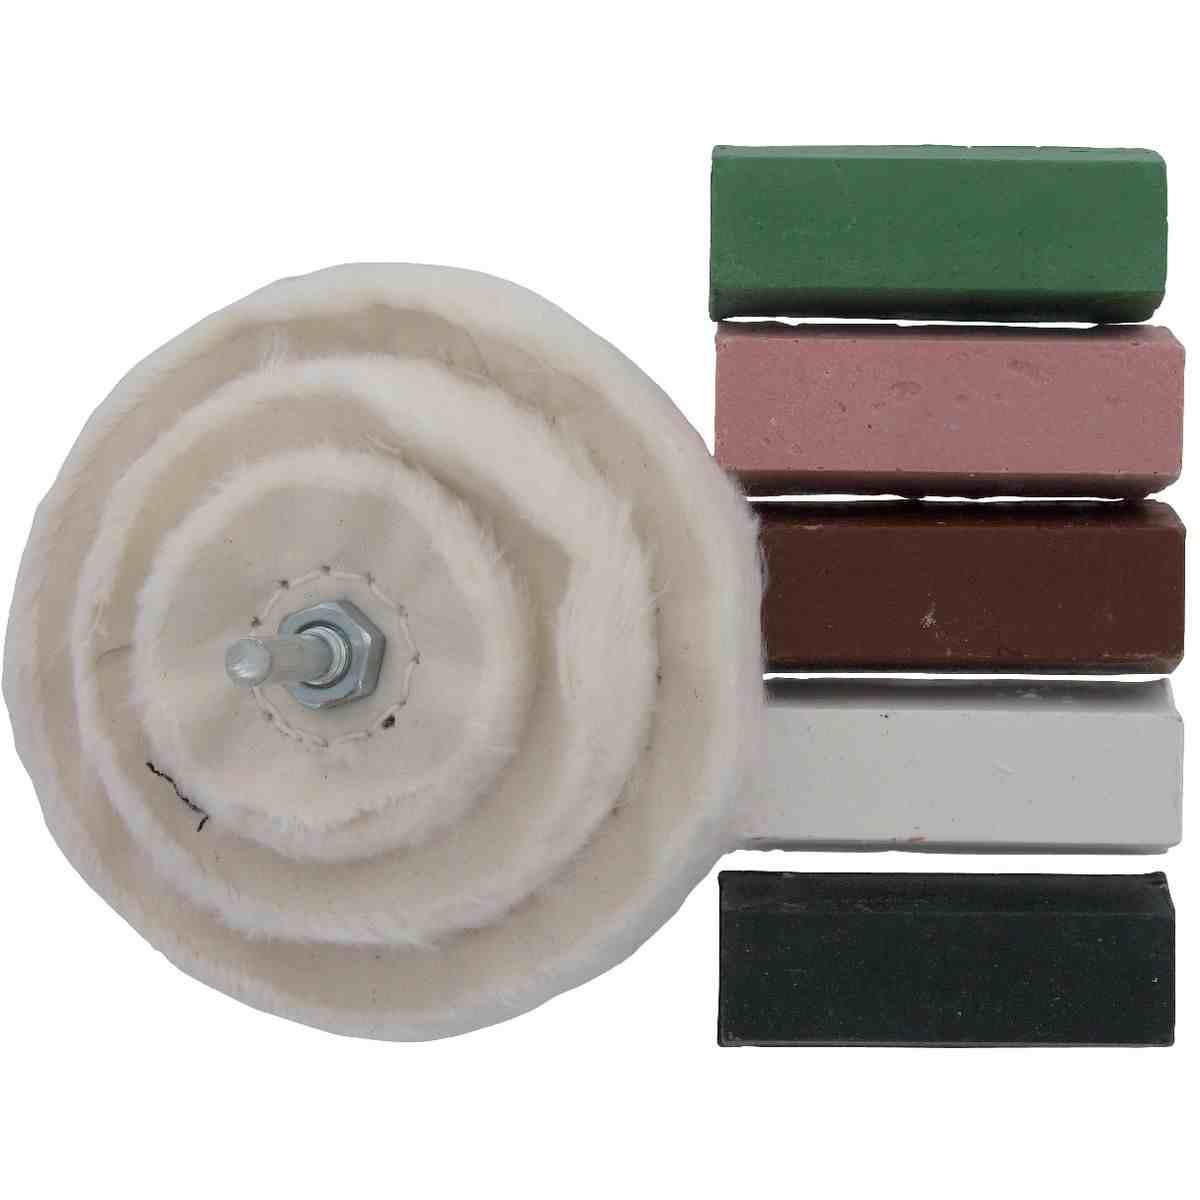 kit de polissage scid 3 tampons coton diam tre 50 80 et 100 mm et 5 p tes. Black Bedroom Furniture Sets. Home Design Ideas